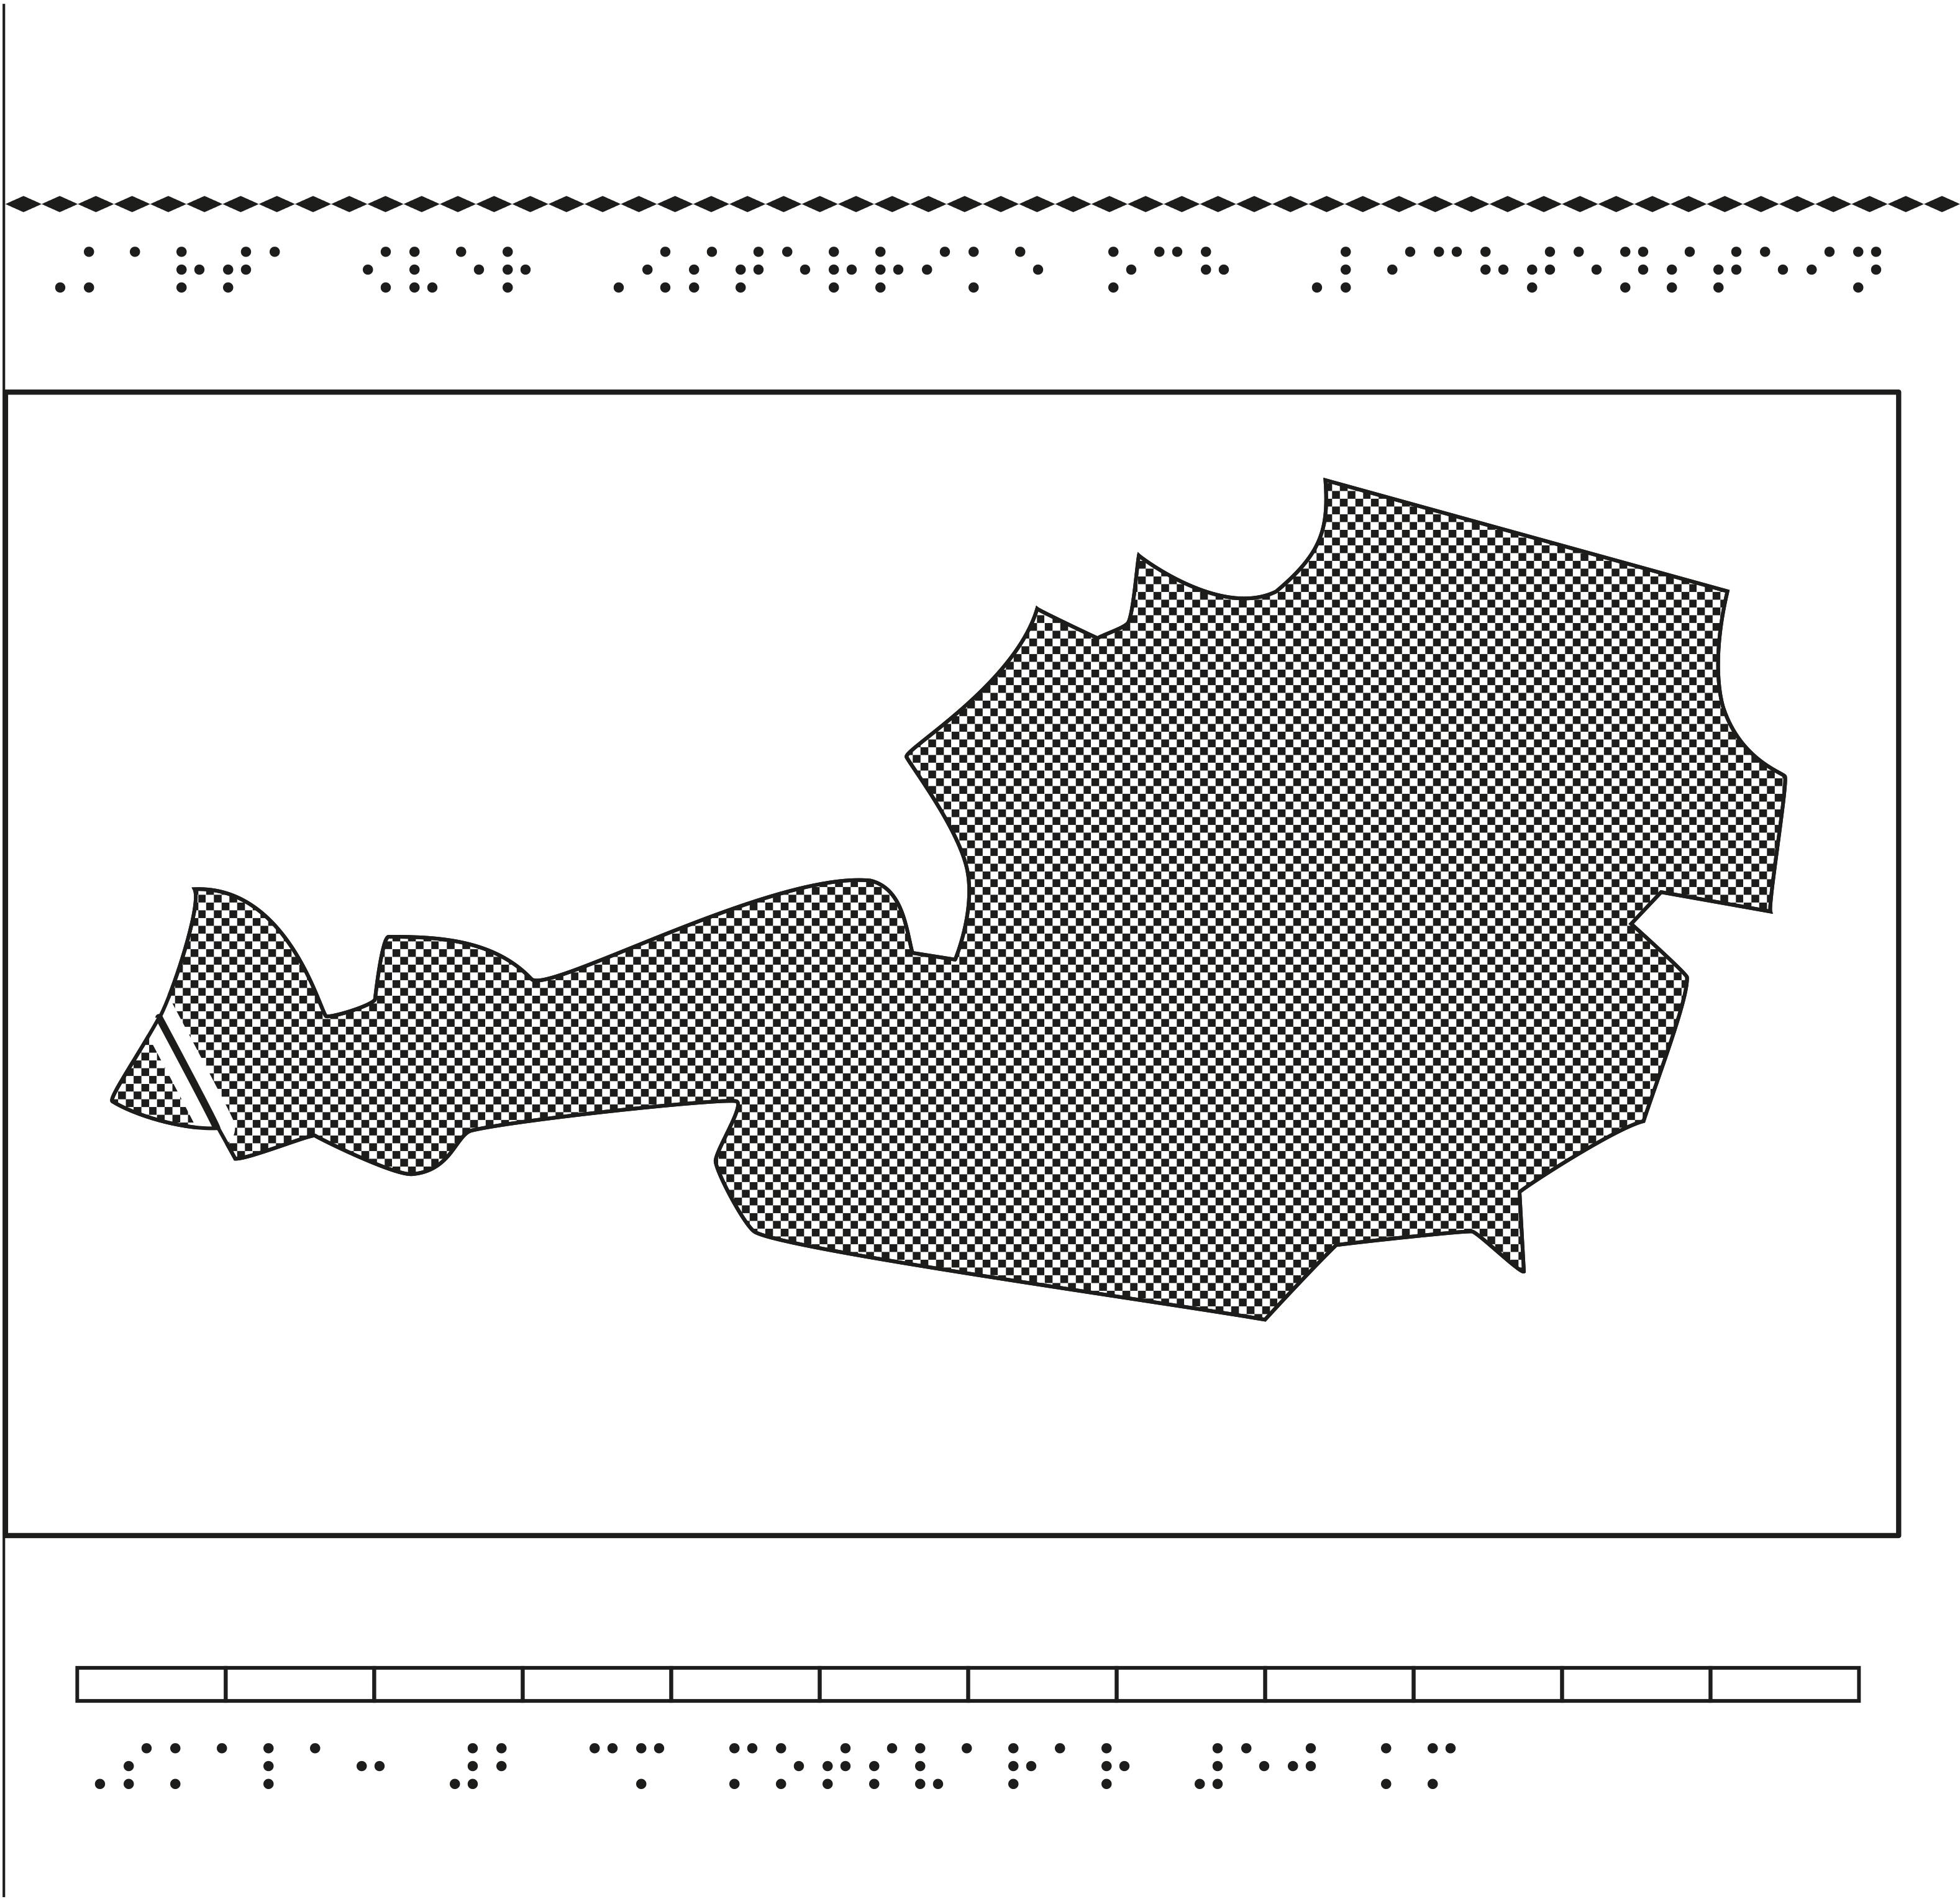 Karta av Österrike och Lichtenstein i relief med tillhörande punktskrift.